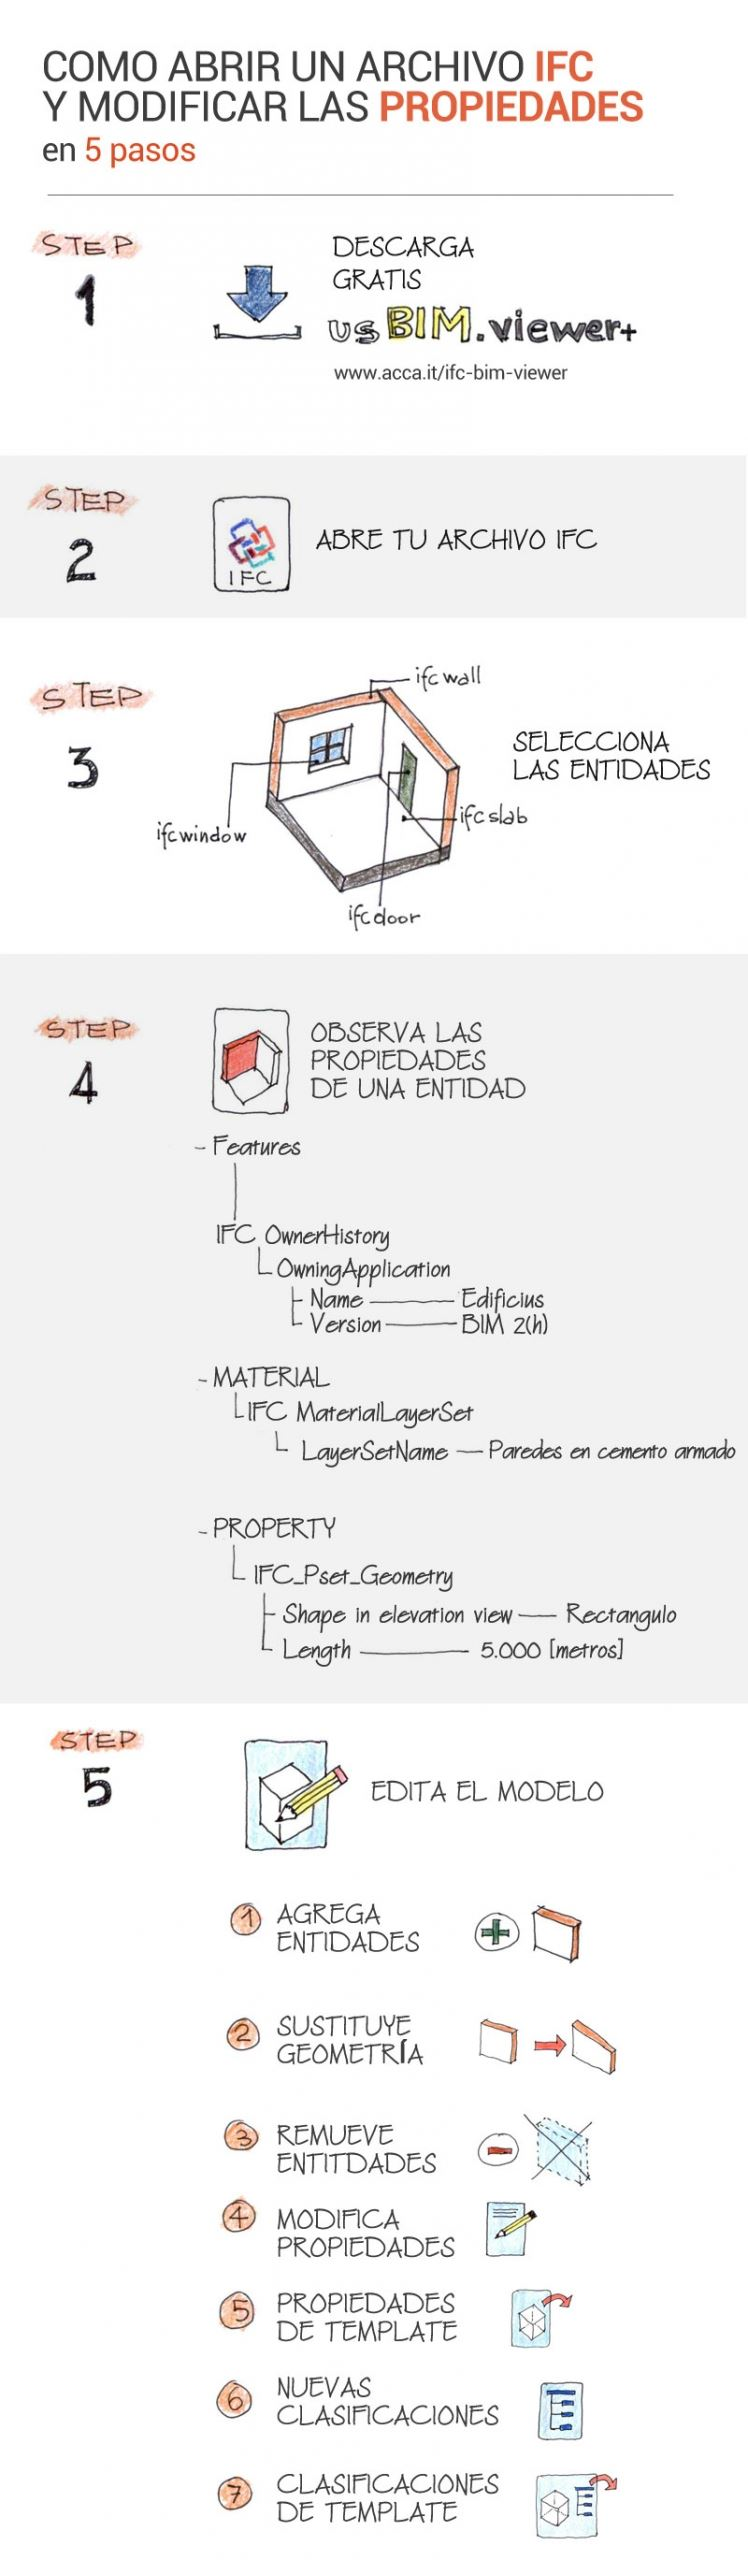 Infografía | Abrir un modelo IFC y modificar las propiedades en 5 pasos